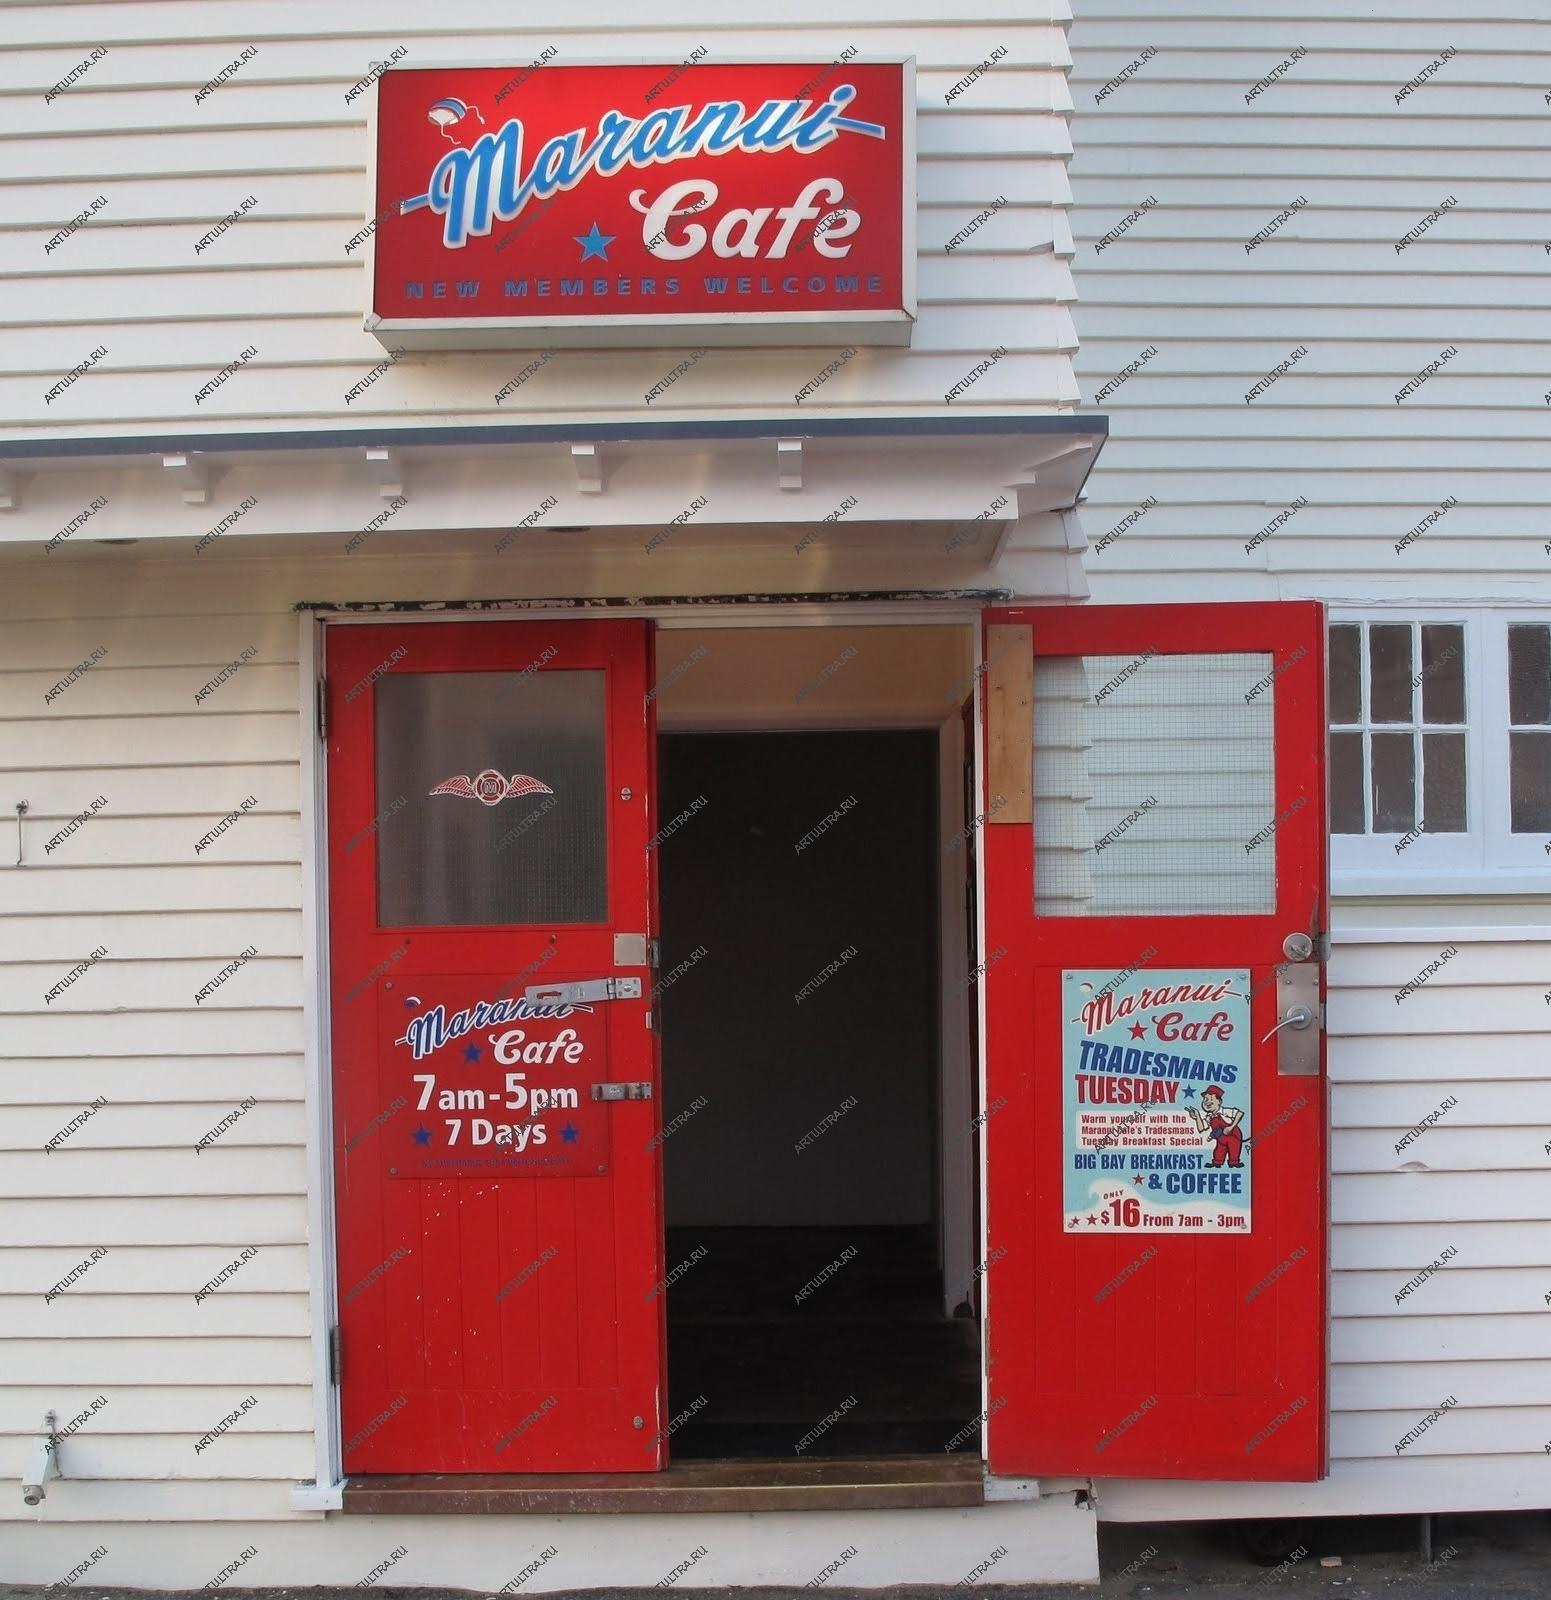 входные двери для магазина кафе